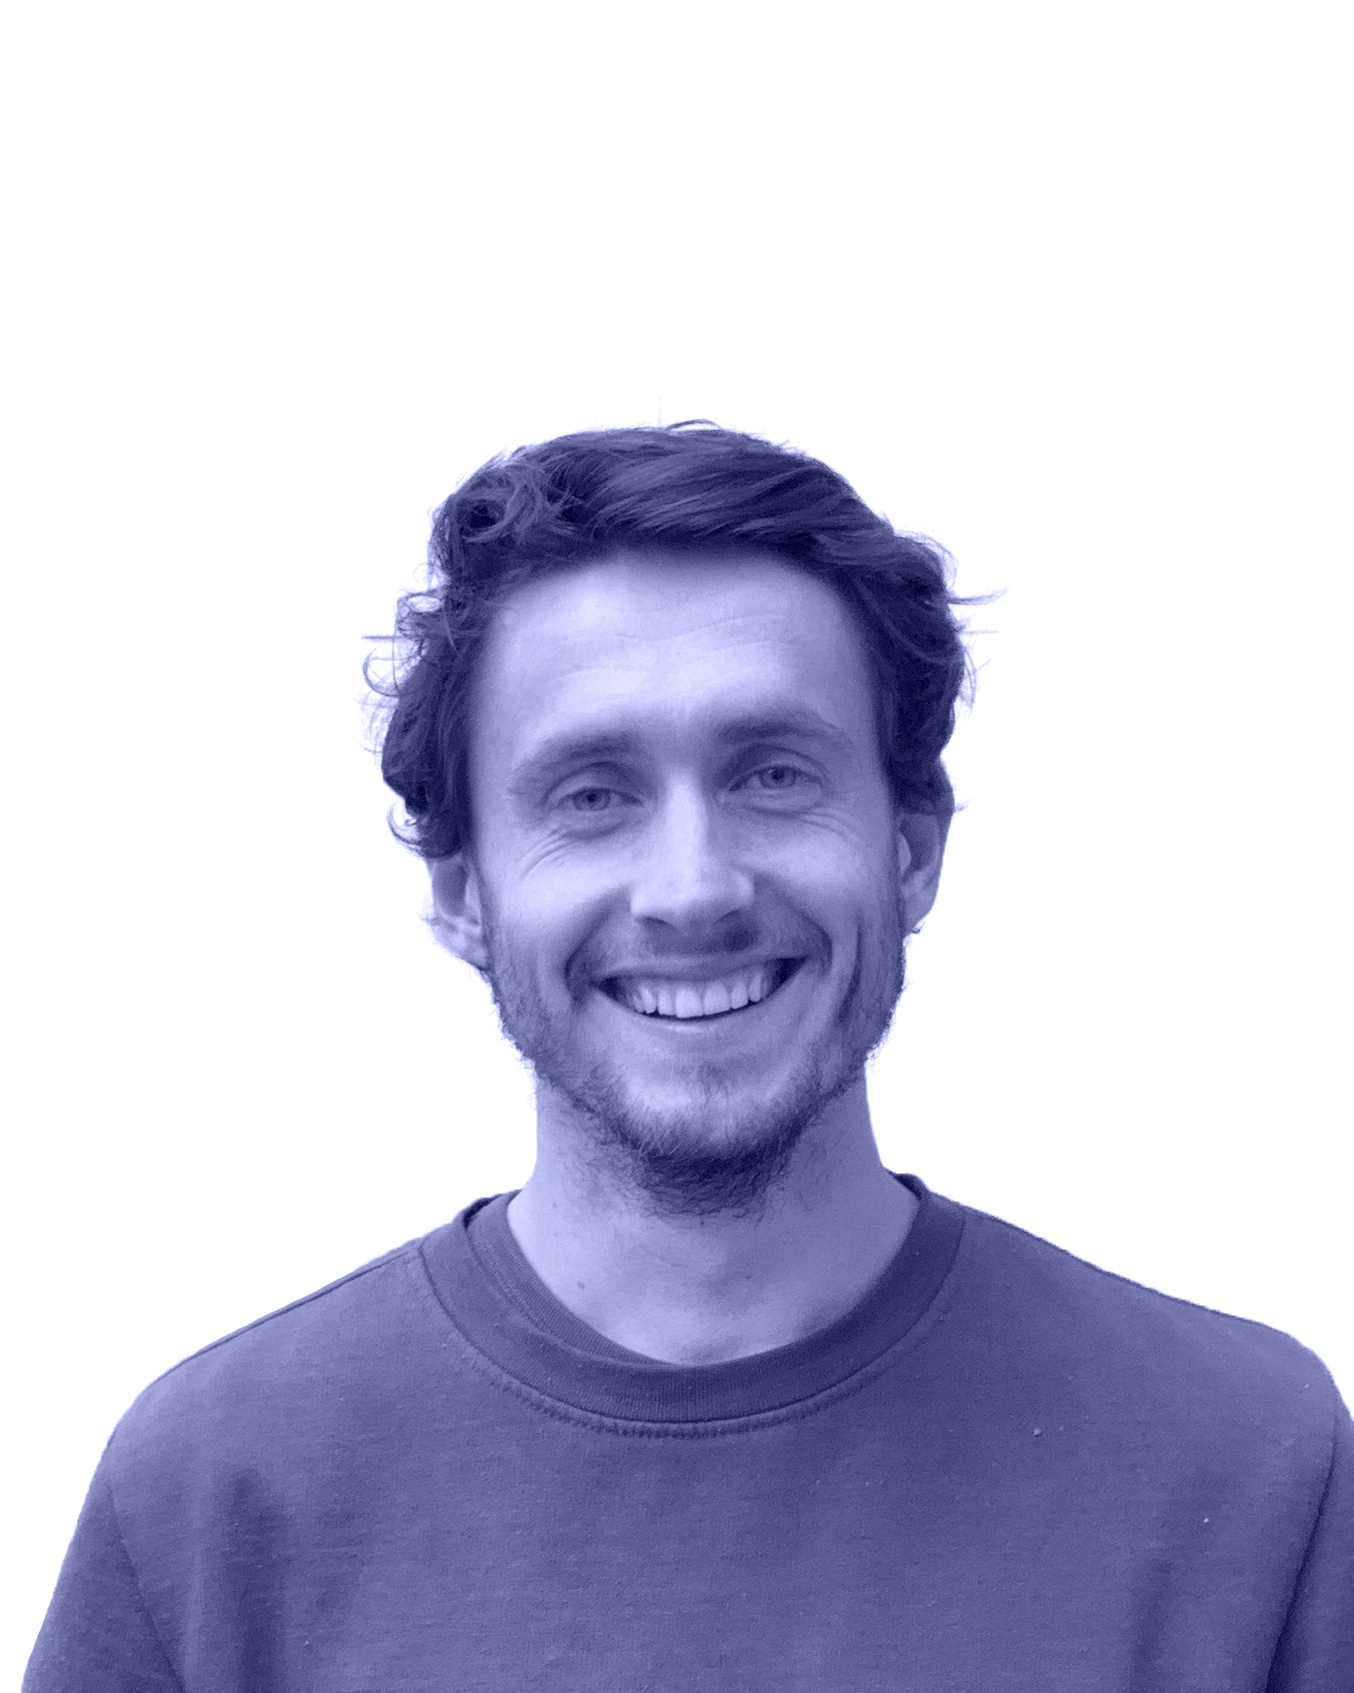 Paul-Arthur Klein